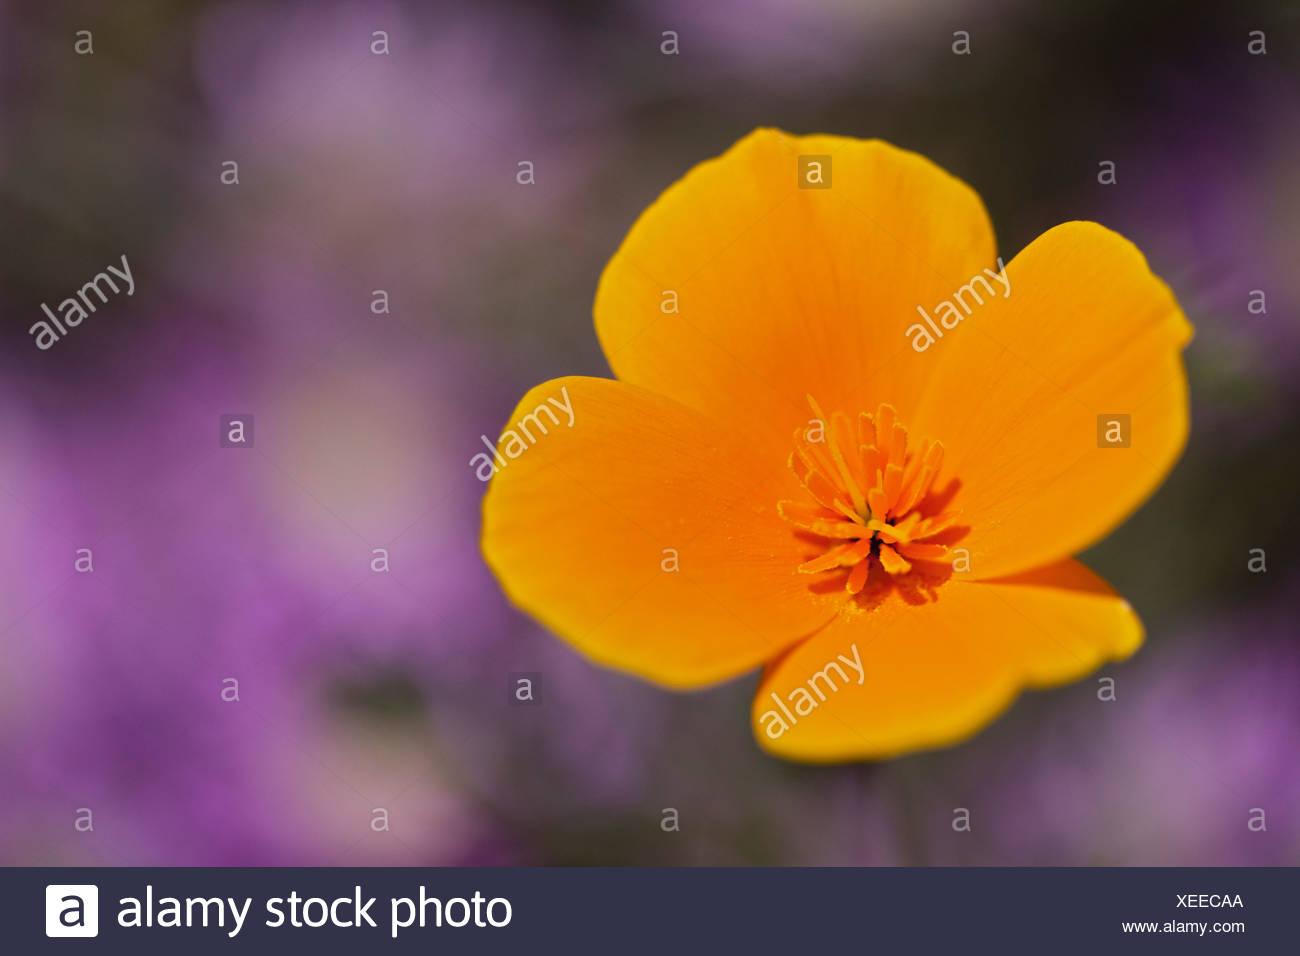 USA, California, California poppy (Escholzia California), close-up - Stock Image